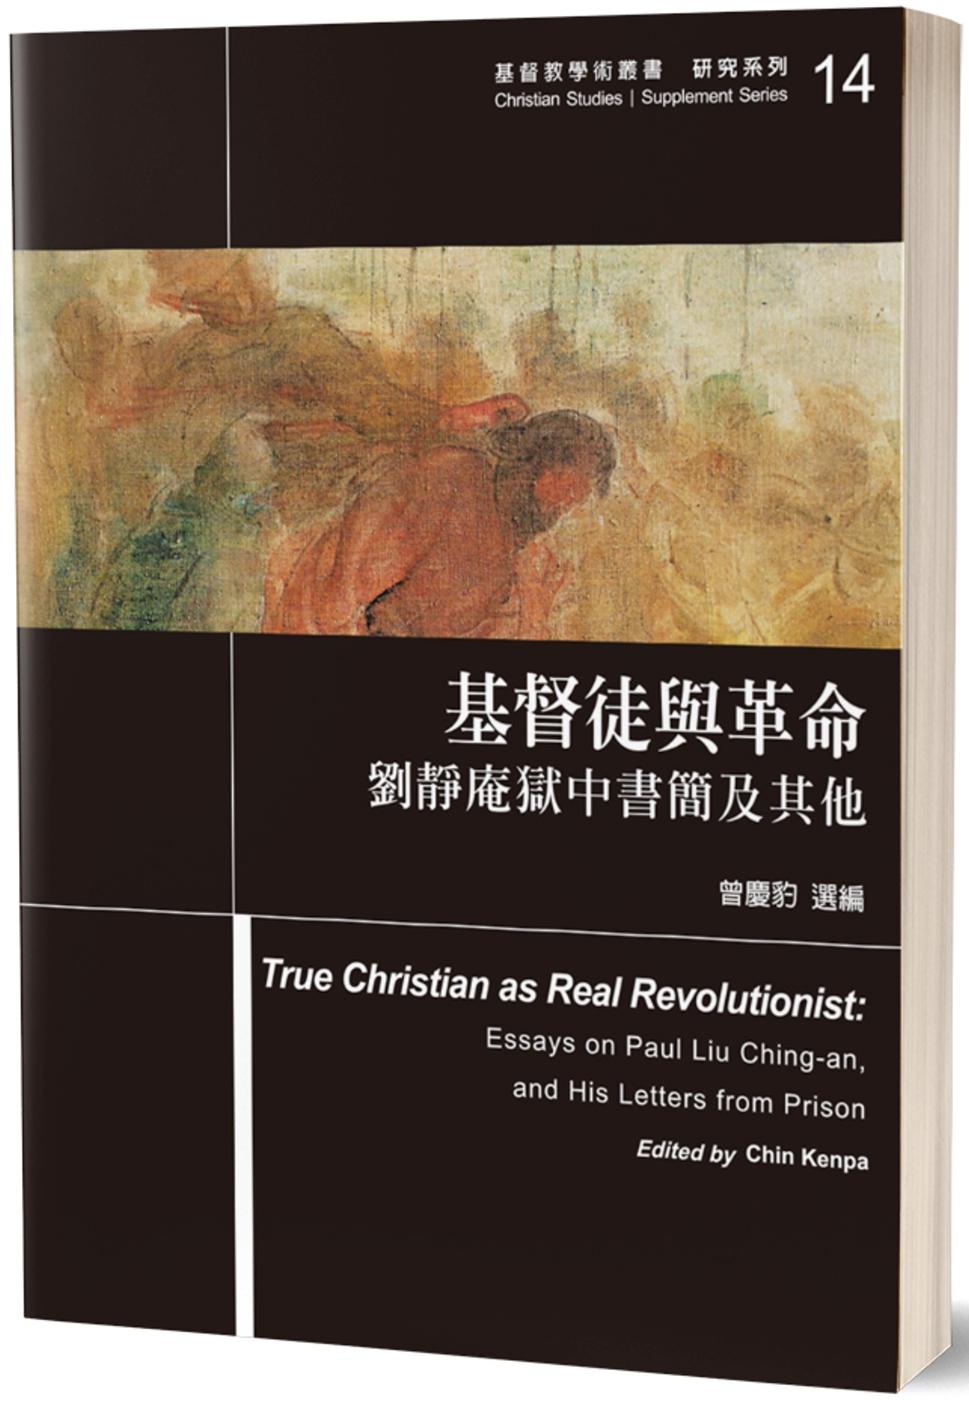 曾庆豹:《基督徒與革命:劉靜庵獄中書簡及其他》(2020)